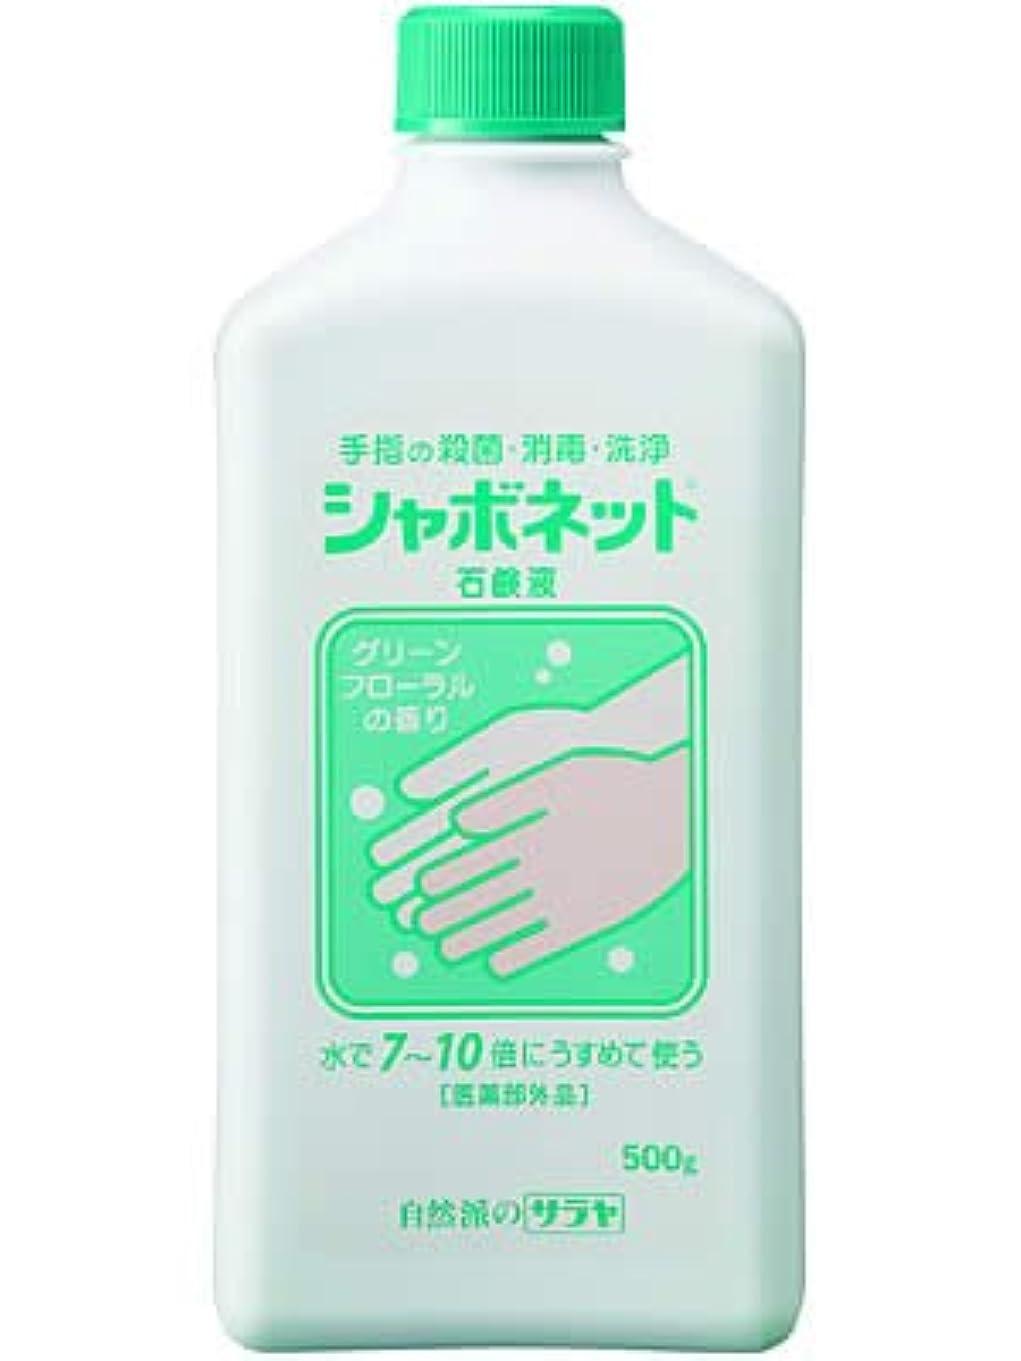 フェンス少年日帰り旅行にシャボネット 石鹸液 500g ×5個セット